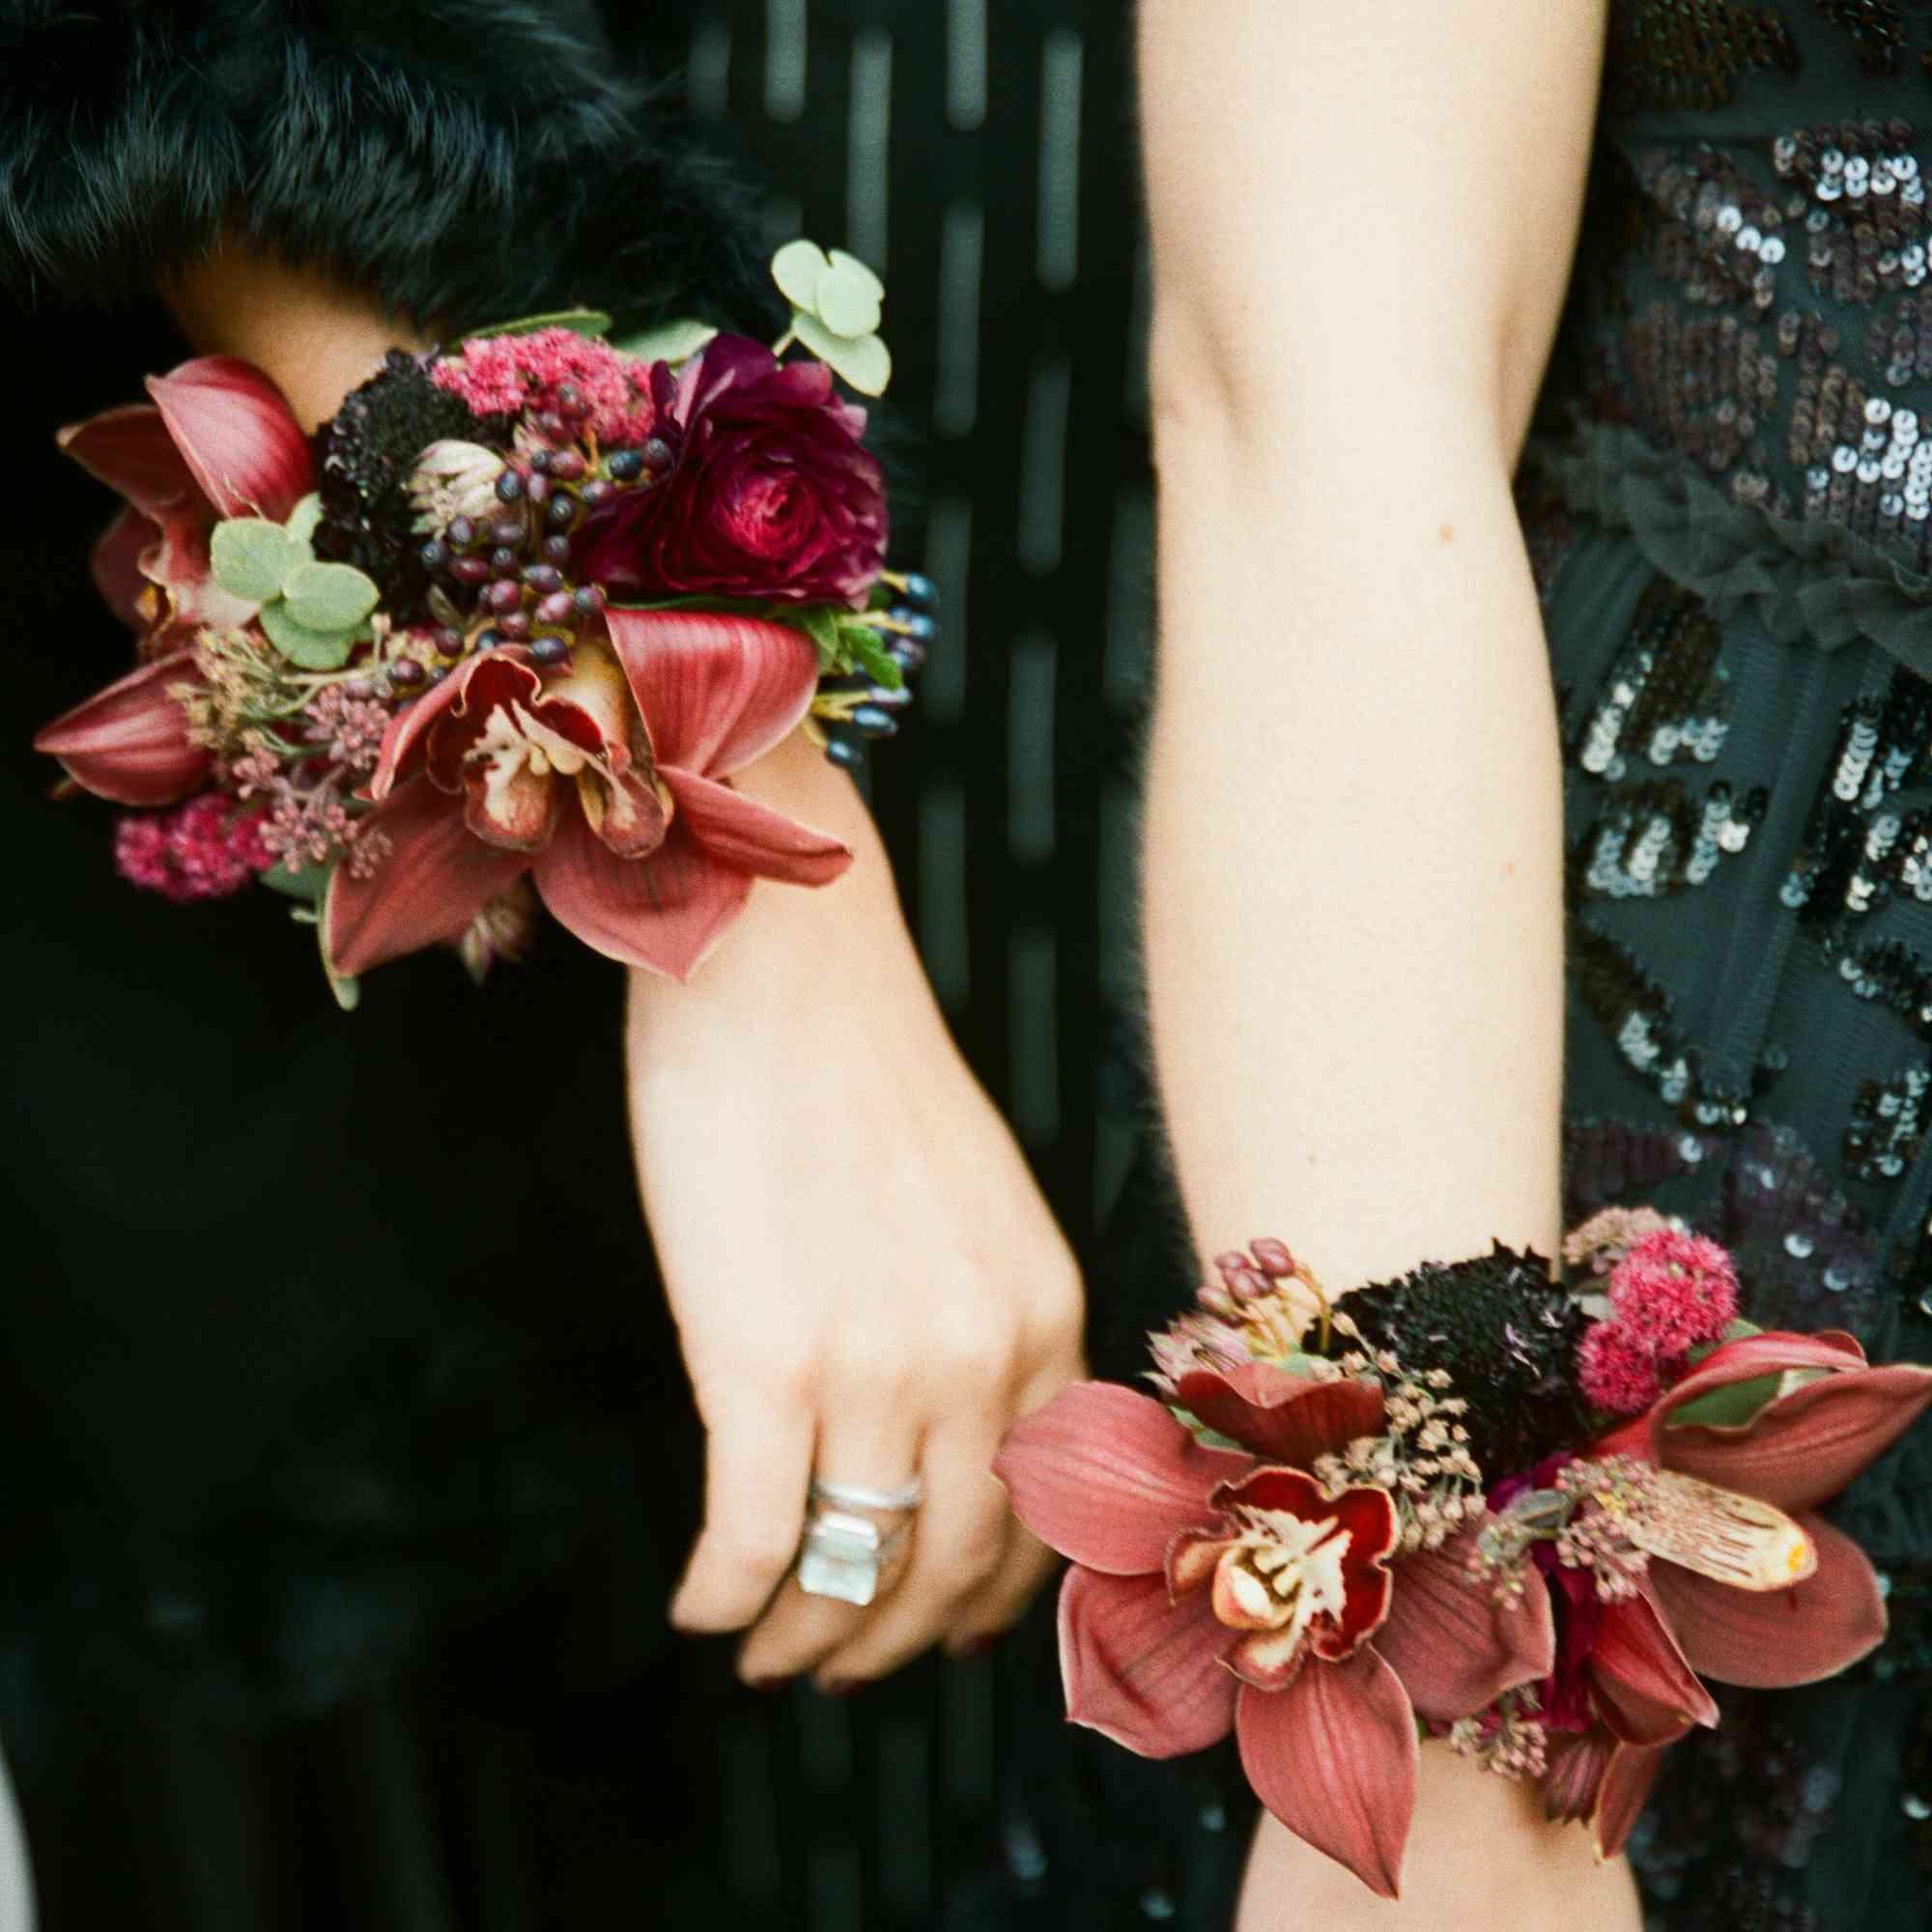 floral cuffs